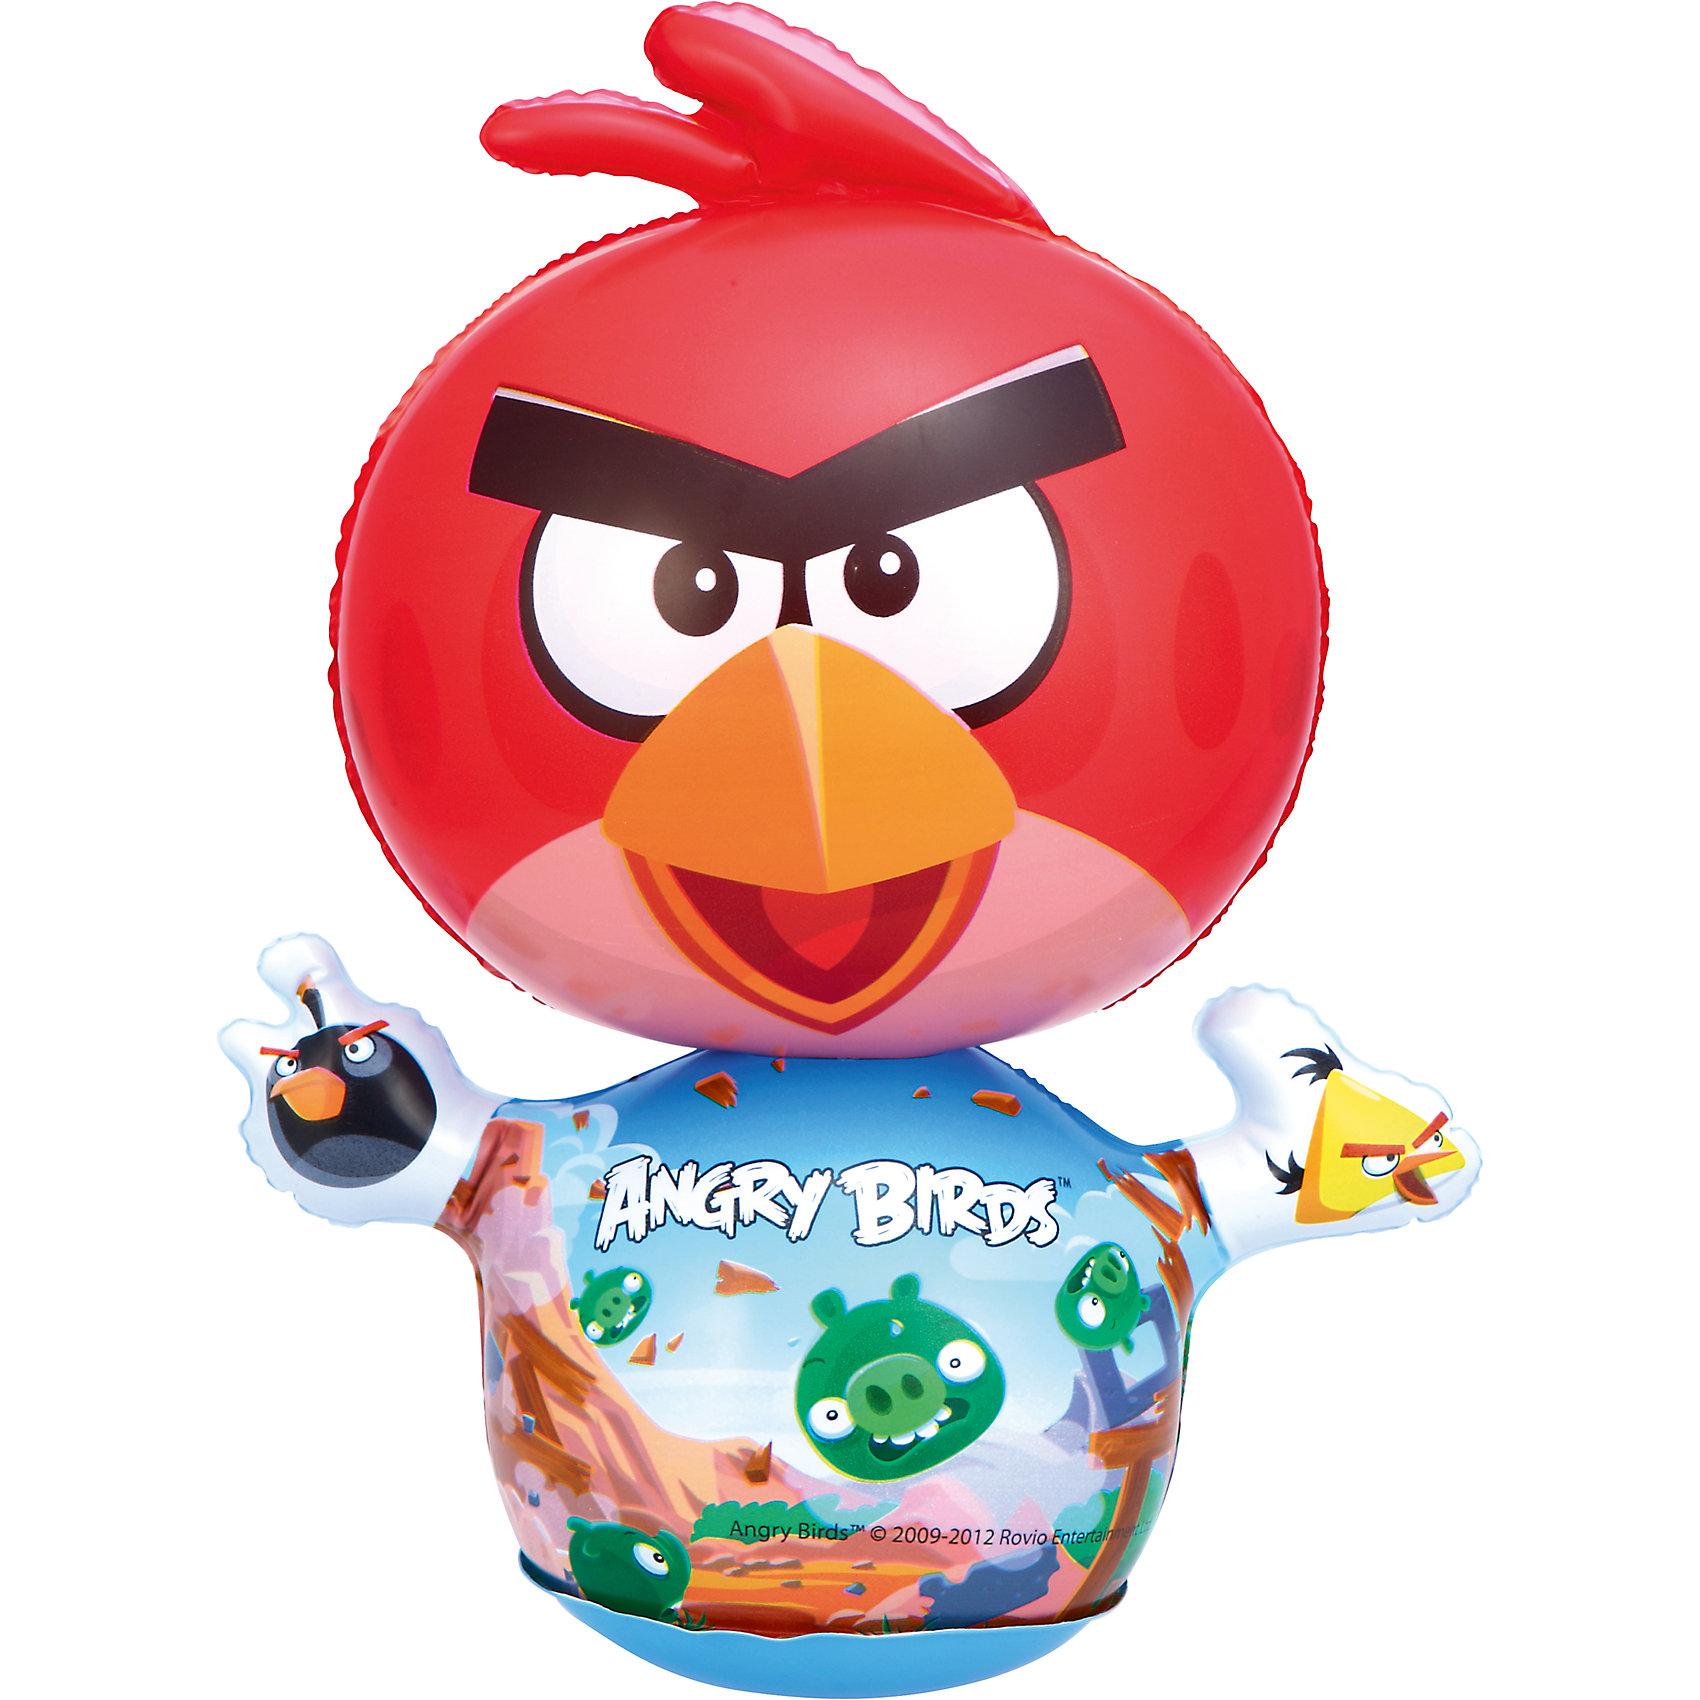 Мини-игрушка для боксирования Angry Birds,  BestwayМини-игрушка для боксирования Angry Birds, Bestway (Бествей) поможет маленькому спортсмену тренироваться в любых условиях и всегда поддерживать себя в хорошей форме. Игрушка выполнена из качественного прочного материла и имеет яркий красочный дизайн в виде забавной красной птички из популярной компьютерной игры  Angry Birds. При ударе птичка вновь принимает вертикальное положение. Легко сдувается и надувается.<br><br>Дополнительная информация:<br><br>- Материал: ПВХ.<br>- Размер игрушки: 24 х 11 х 30 см.<br>- Размер упаковки: 12 х 3 х 17 см.<br>- Вес: 0,284 кг.<br><br>Мини-игрушку для боксирования Angry Birds, Bestway (Бествей) можно купить в нашем интернет-магазине.<br><br>Ширина мм: 120<br>Глубина мм: 30<br>Высота мм: 170<br>Вес г: 284<br>Возраст от месяцев: 12<br>Возраст до месяцев: 36<br>Пол: Мужской<br>Возраст: Детский<br>SKU: 4051686